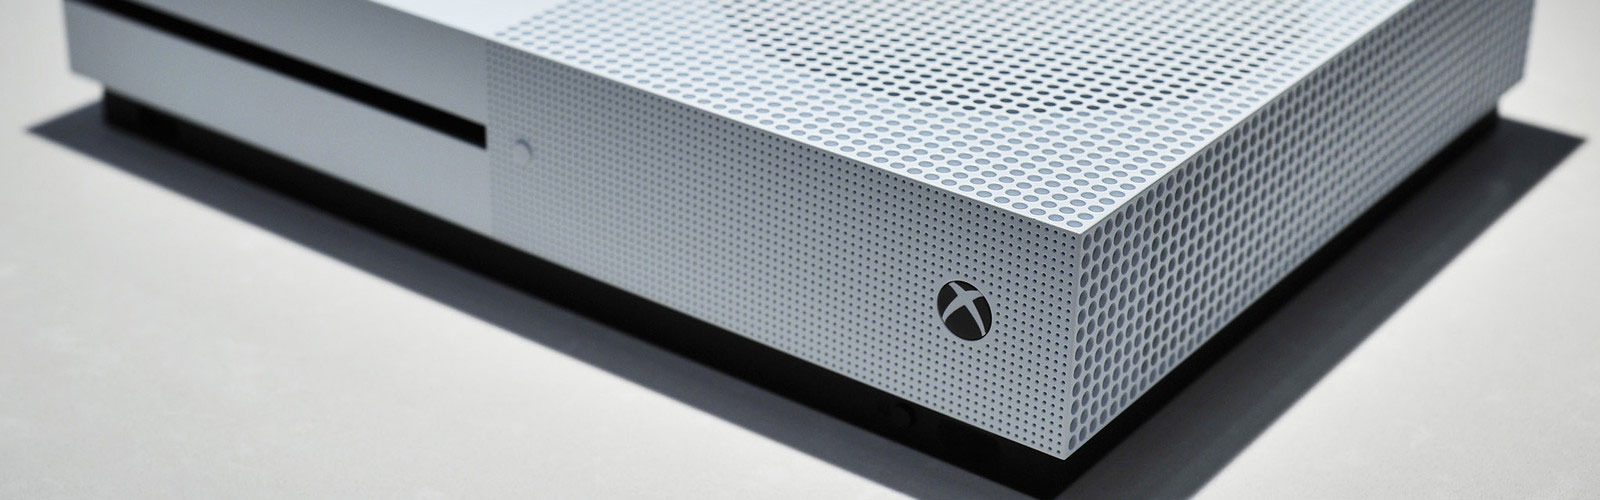 Hoe activeer ik Xbox Live ?